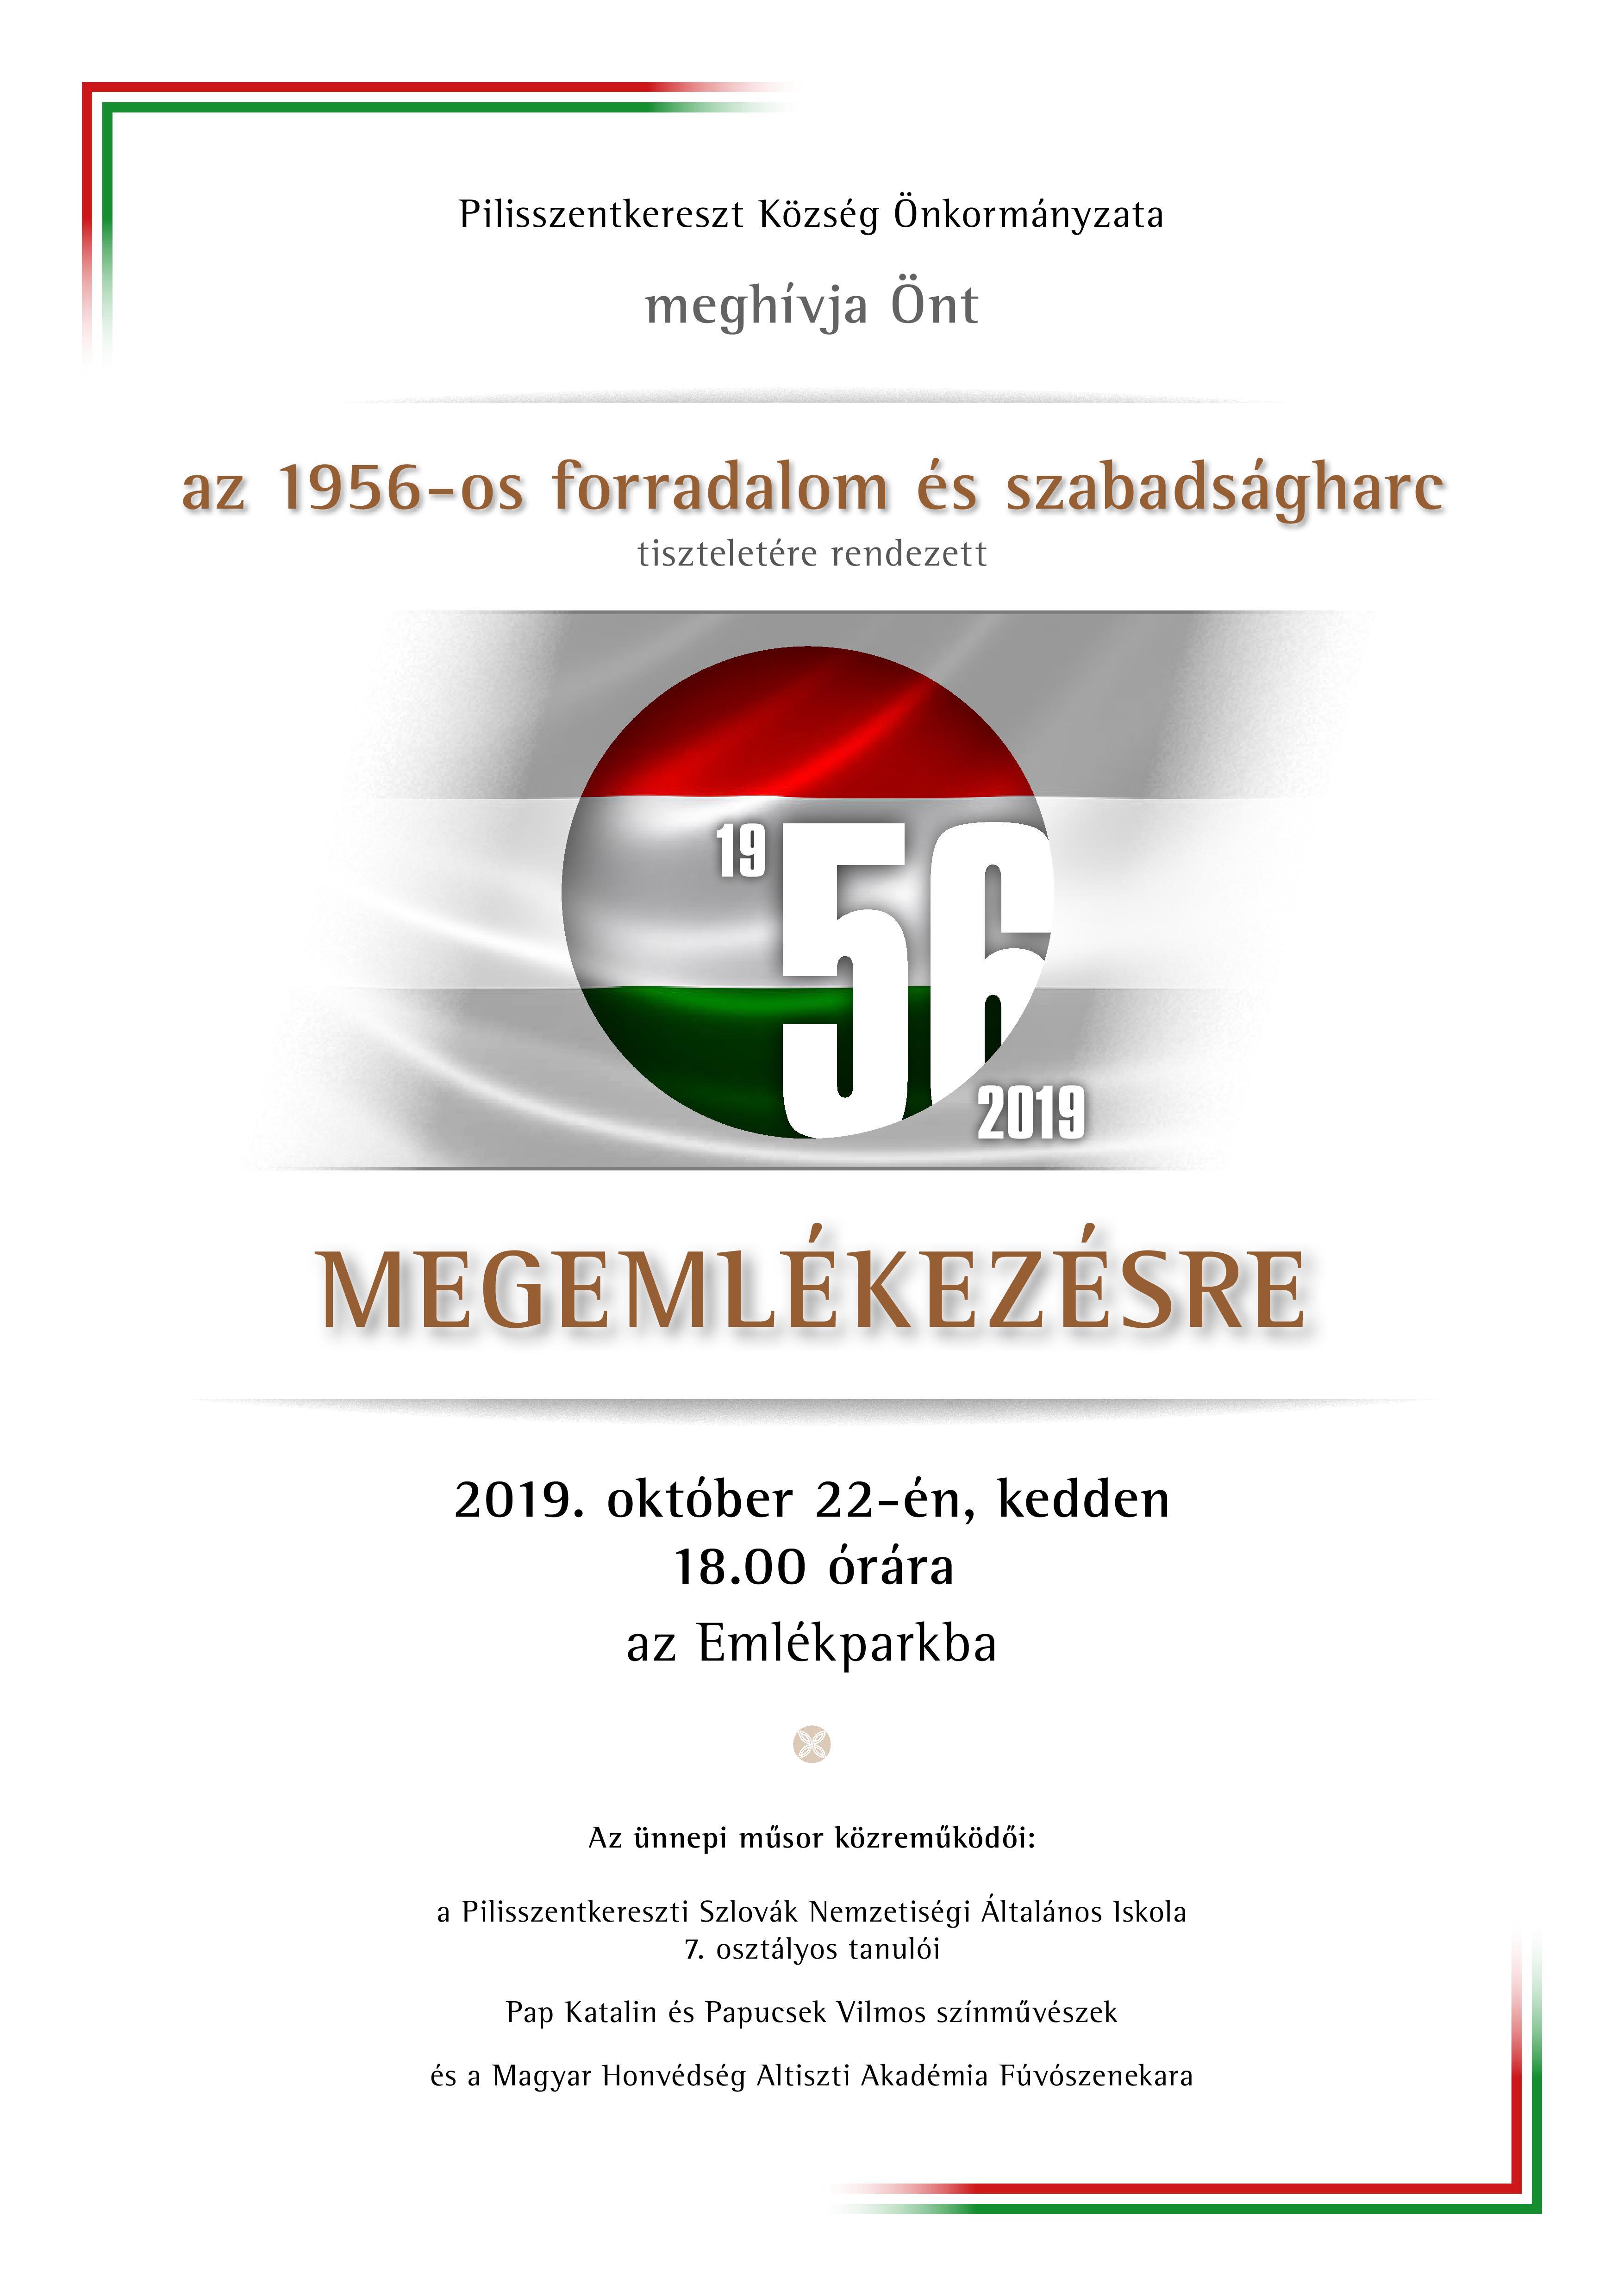 56-os plakát